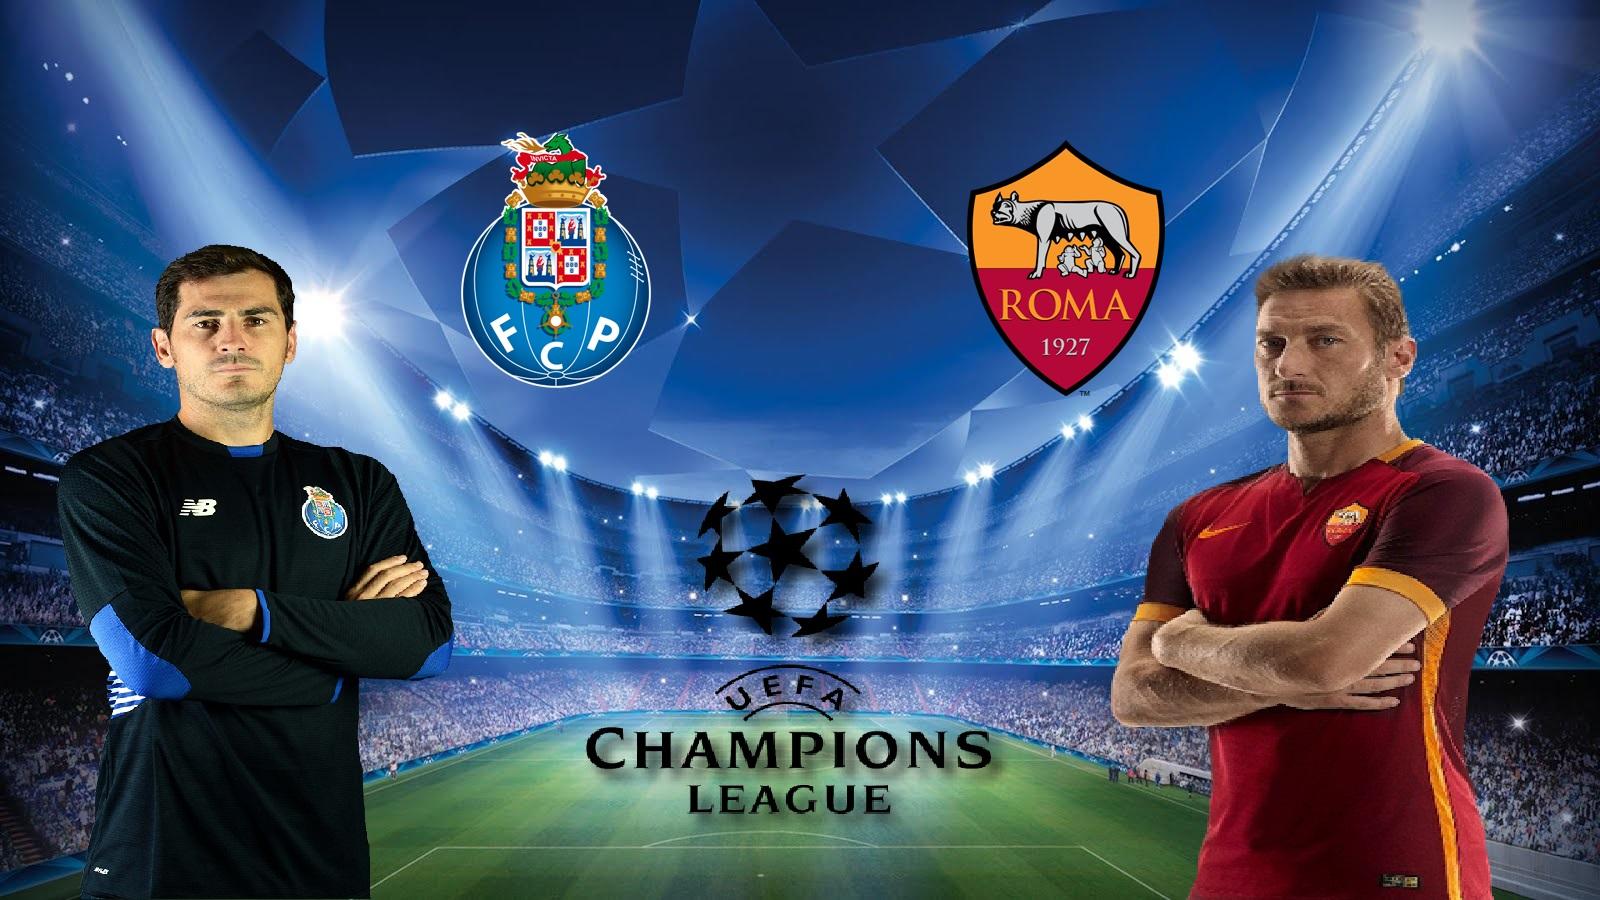 Roma Porto In Tv: Probabili Formazioni, Quote, Diretta Tv E Streaming Gratis